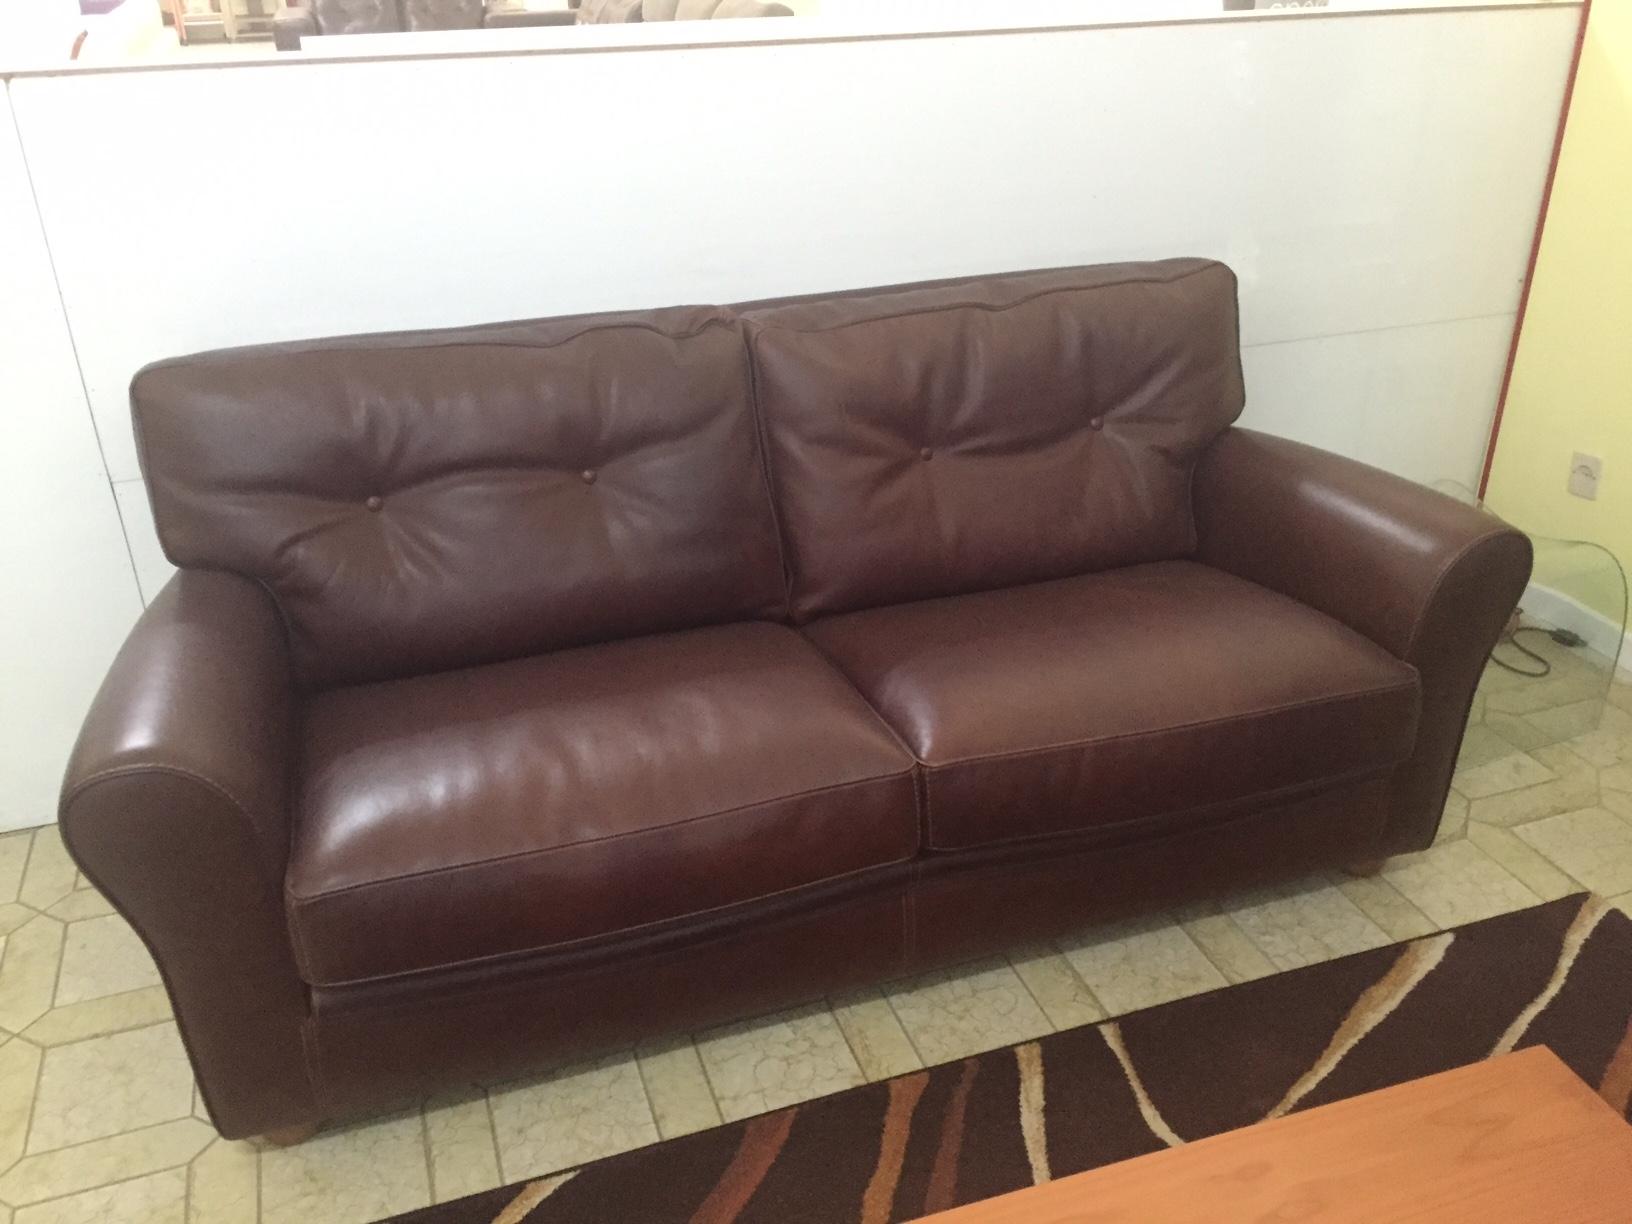 divano baxter modello oxford divani a prezzi scontati